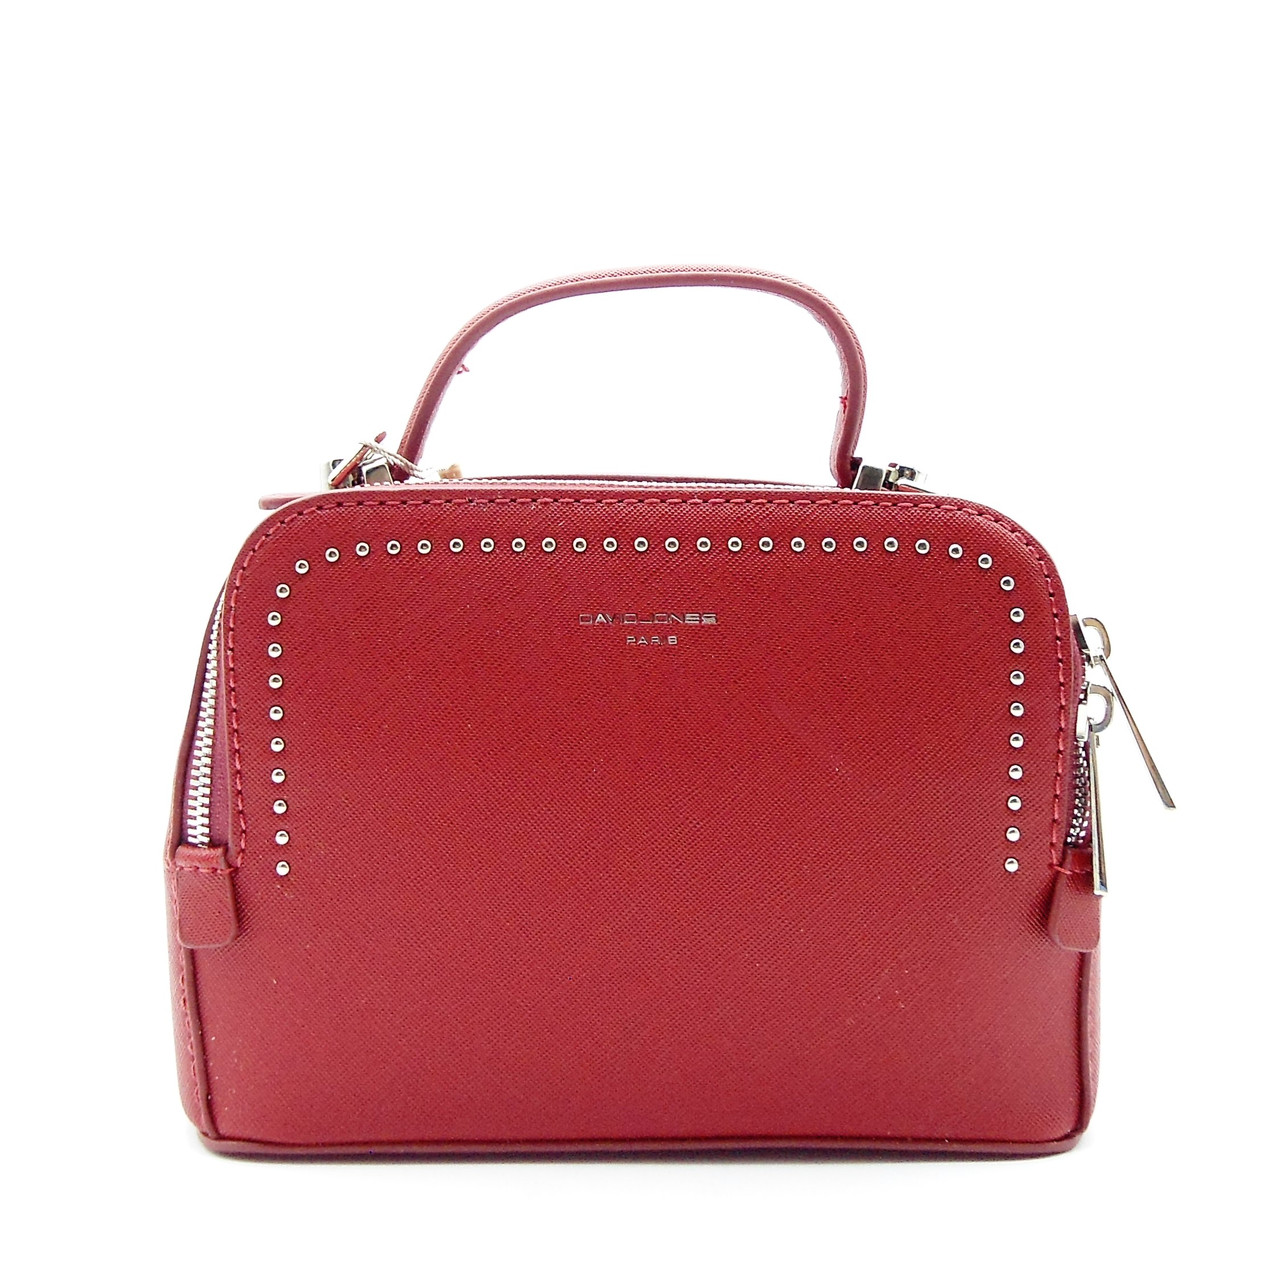 1abb8e63e7bd Прямоугольная женская сумочка DAVID DJONES BVU-003826: купить недорого